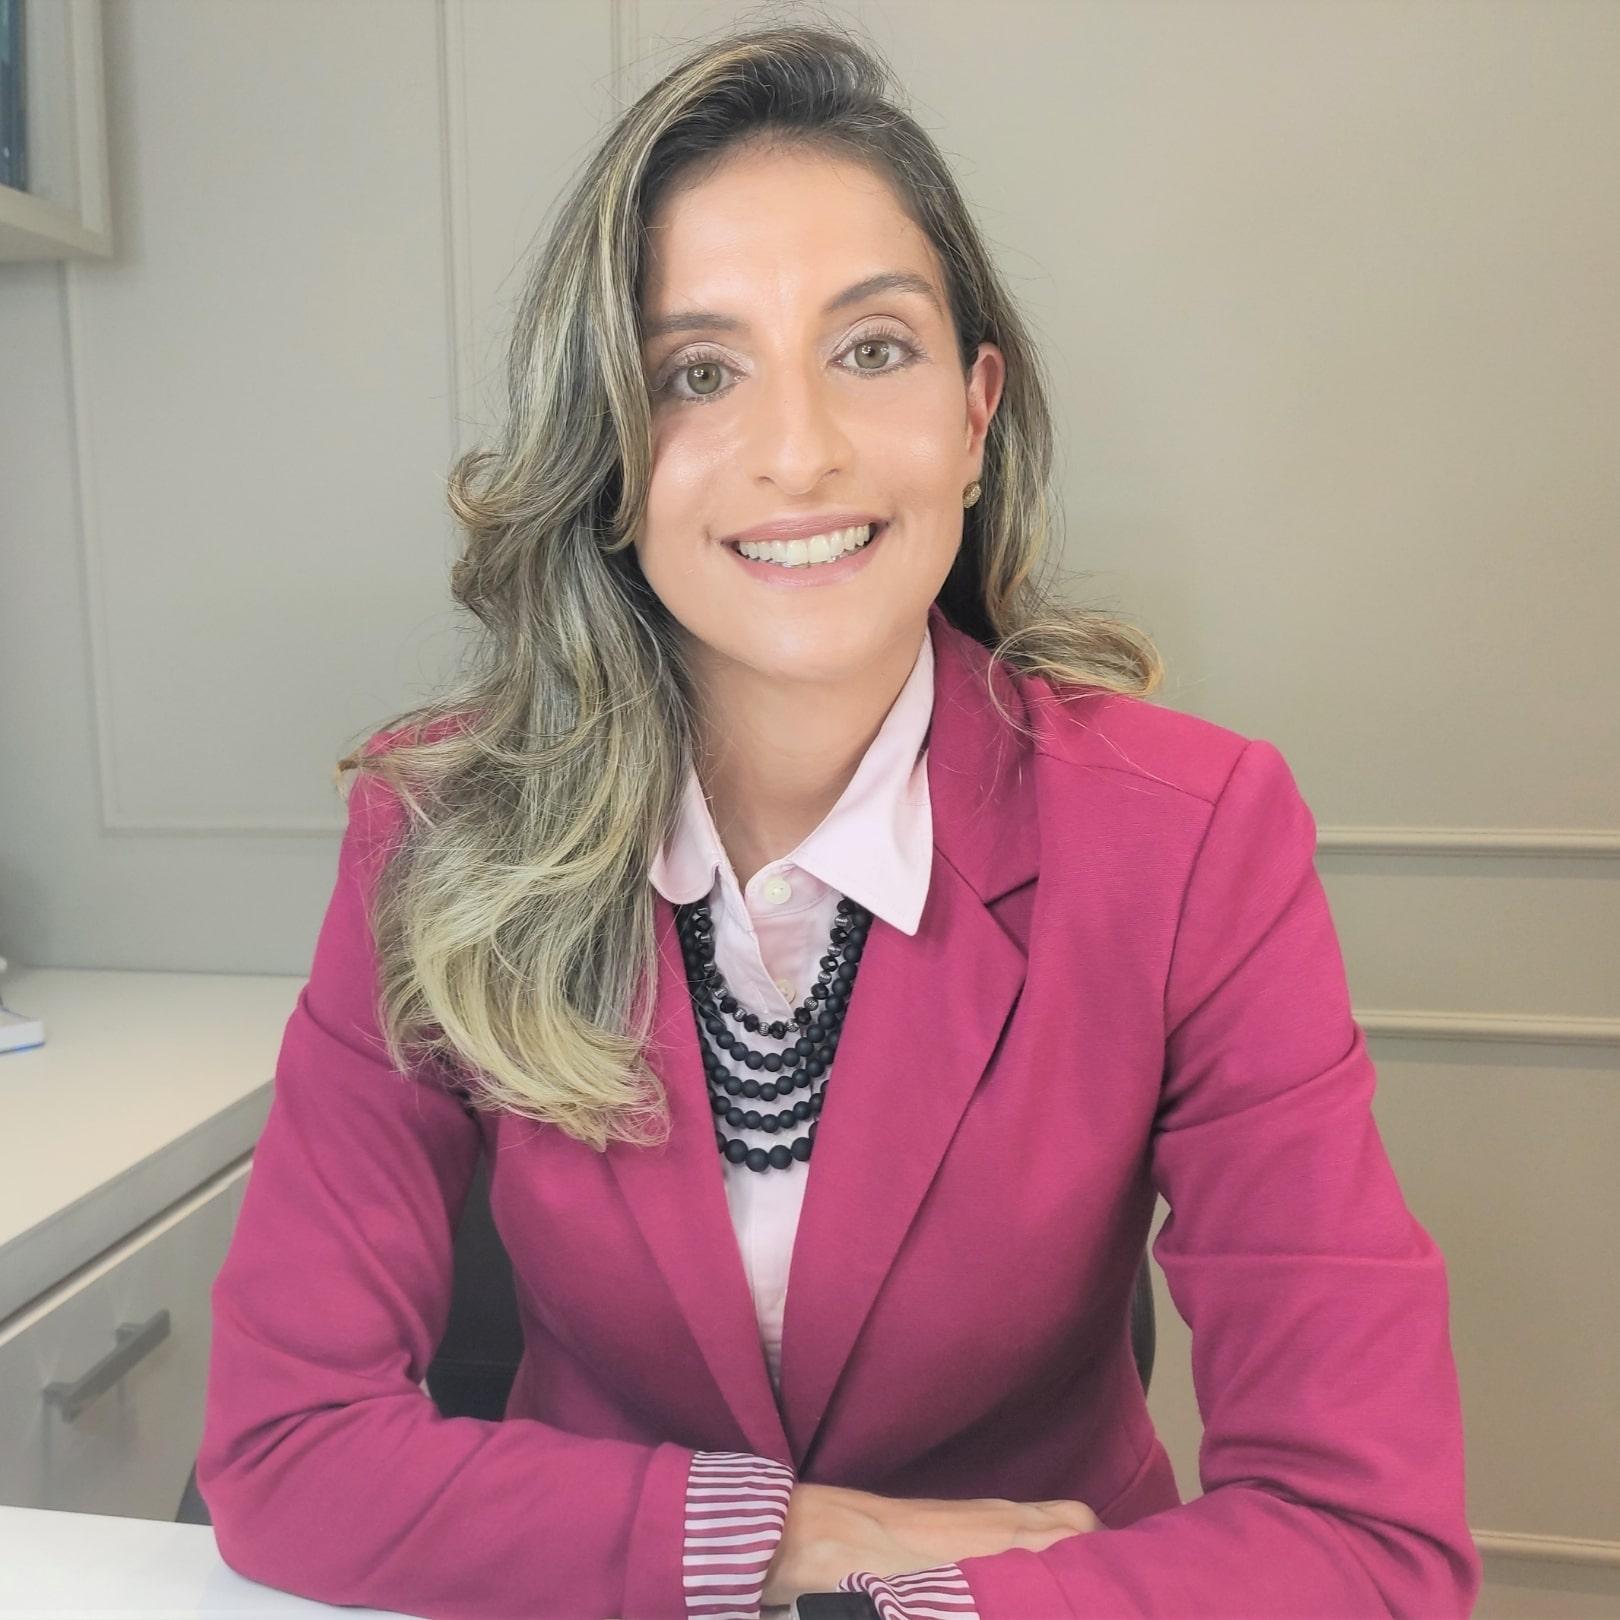 Ginecologista Especialisata em Miomas Uterinos